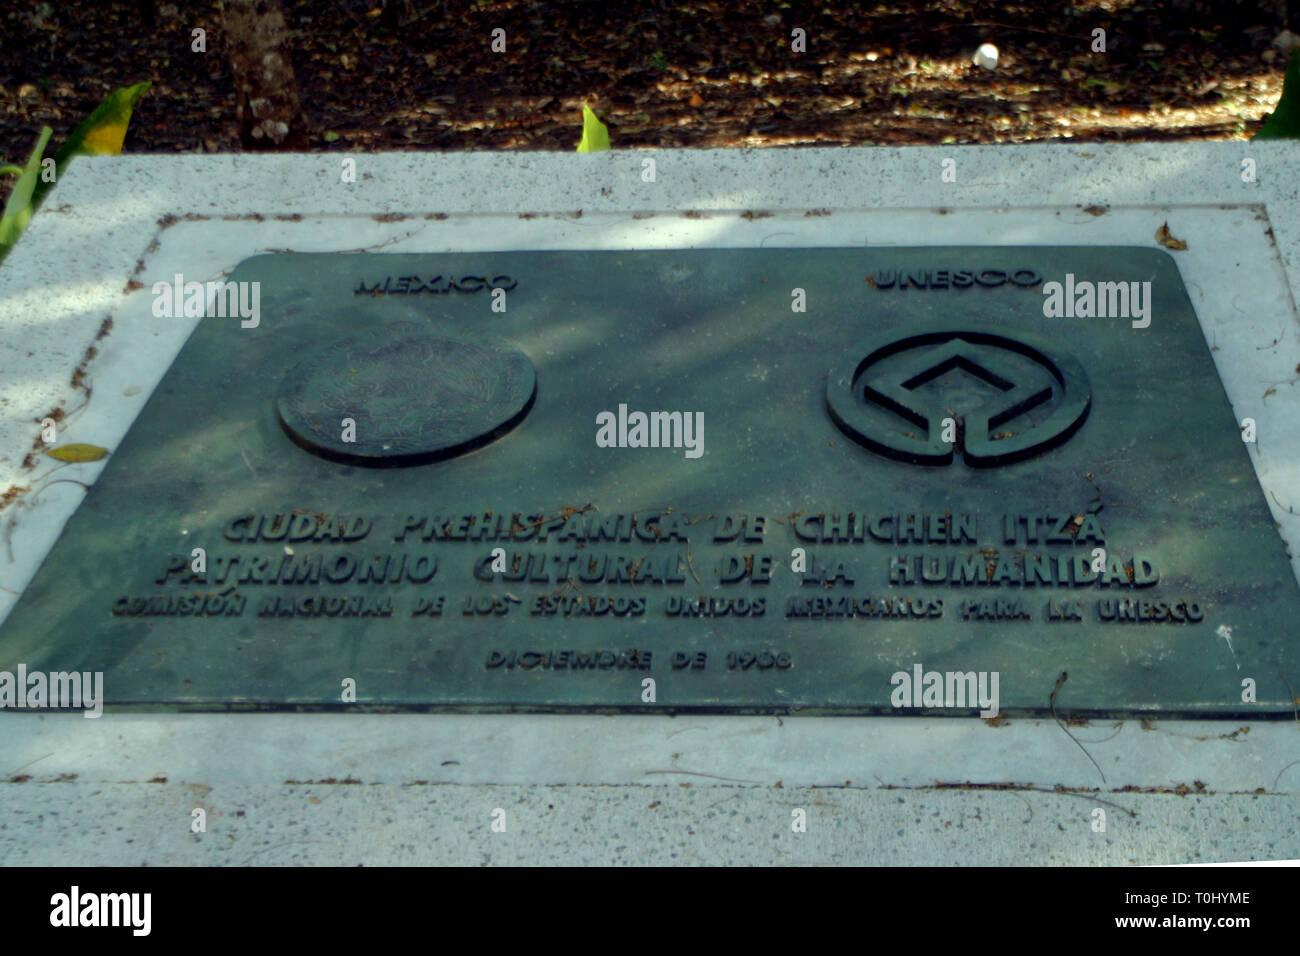 Zona arqueologica de Chichen Itza Zona arqueológica    Chichén ItzáChichén Itzá maya: (Chichén) Boca del pozo;   de los (Itzá) brujos de agua.   Es uno de los principales sitios arqueológicos de la   península de Yucatán, en México, ubicado en el municipio de Tinum.  *Photo:©Francisco* Morales/DAMMPHOTO.COM/NORTEPHOTO - Stock Image